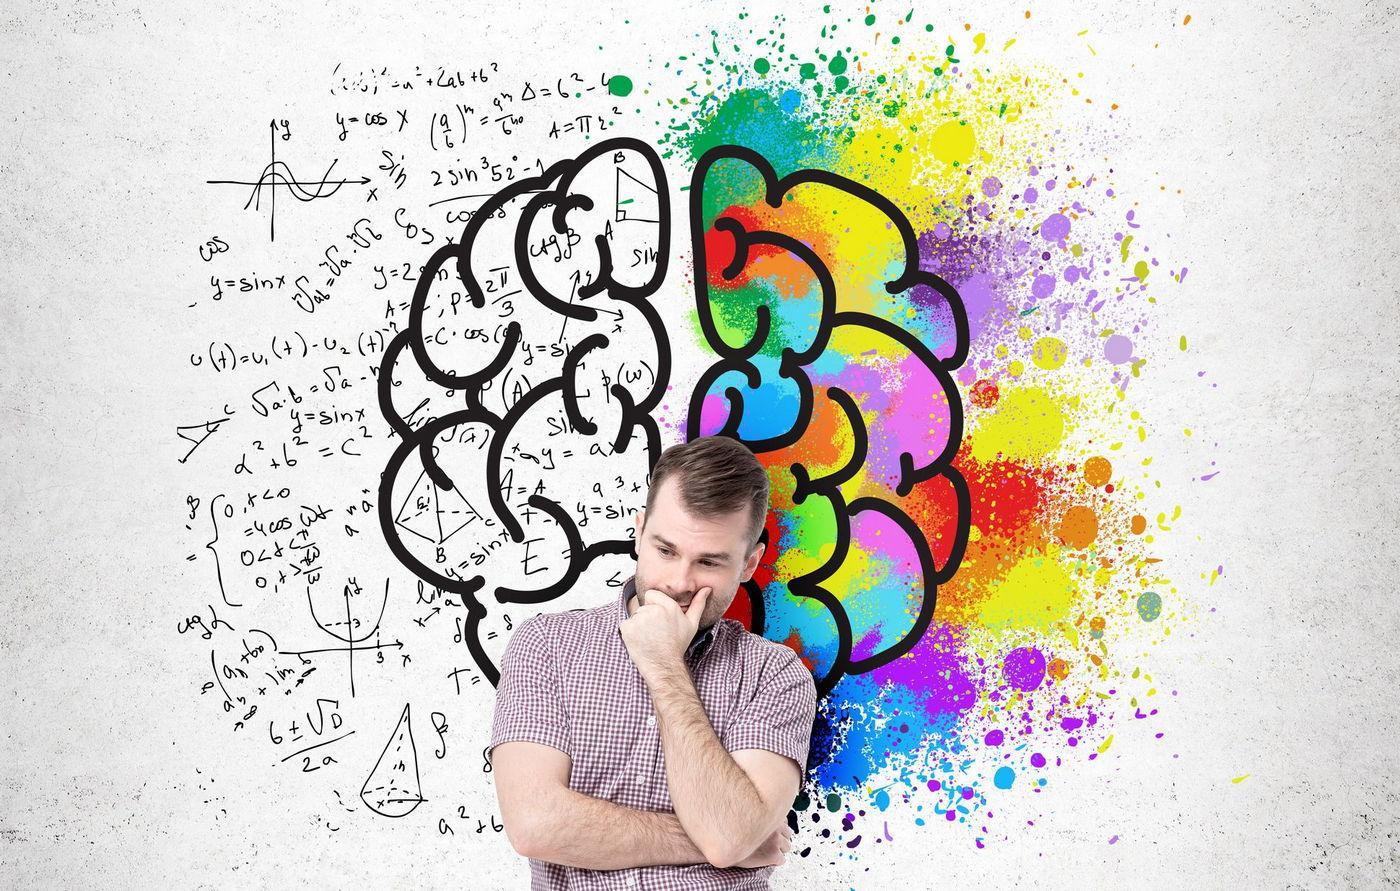 Эмоциональный интеллект в бизнесе, как он помогает добиваться высоких результатов?